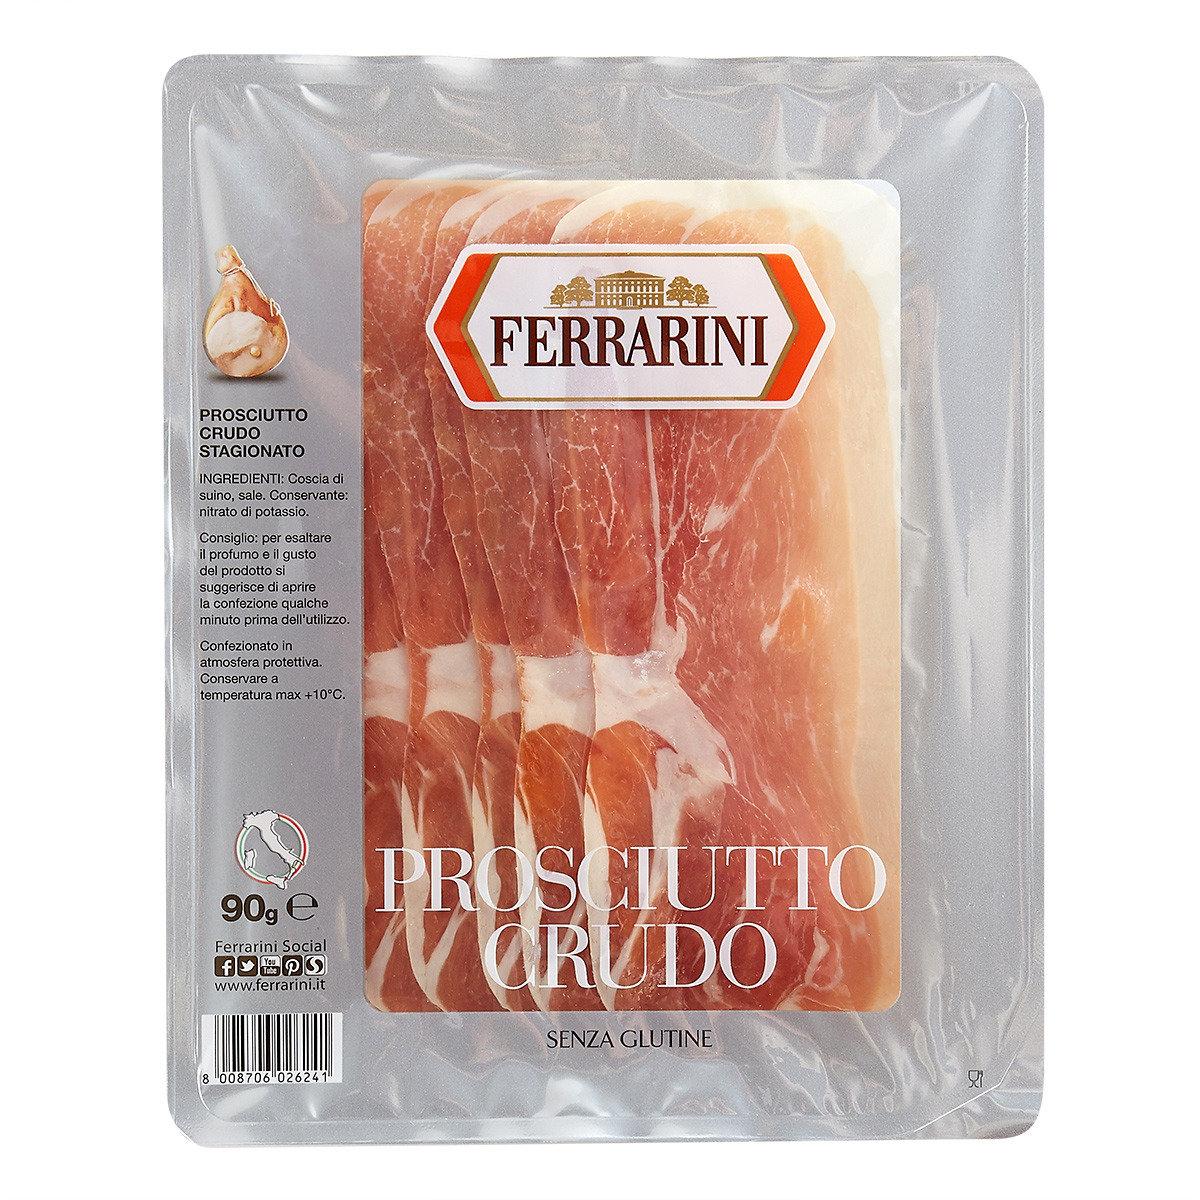 意大利風乾火腿切片 (冷凍)